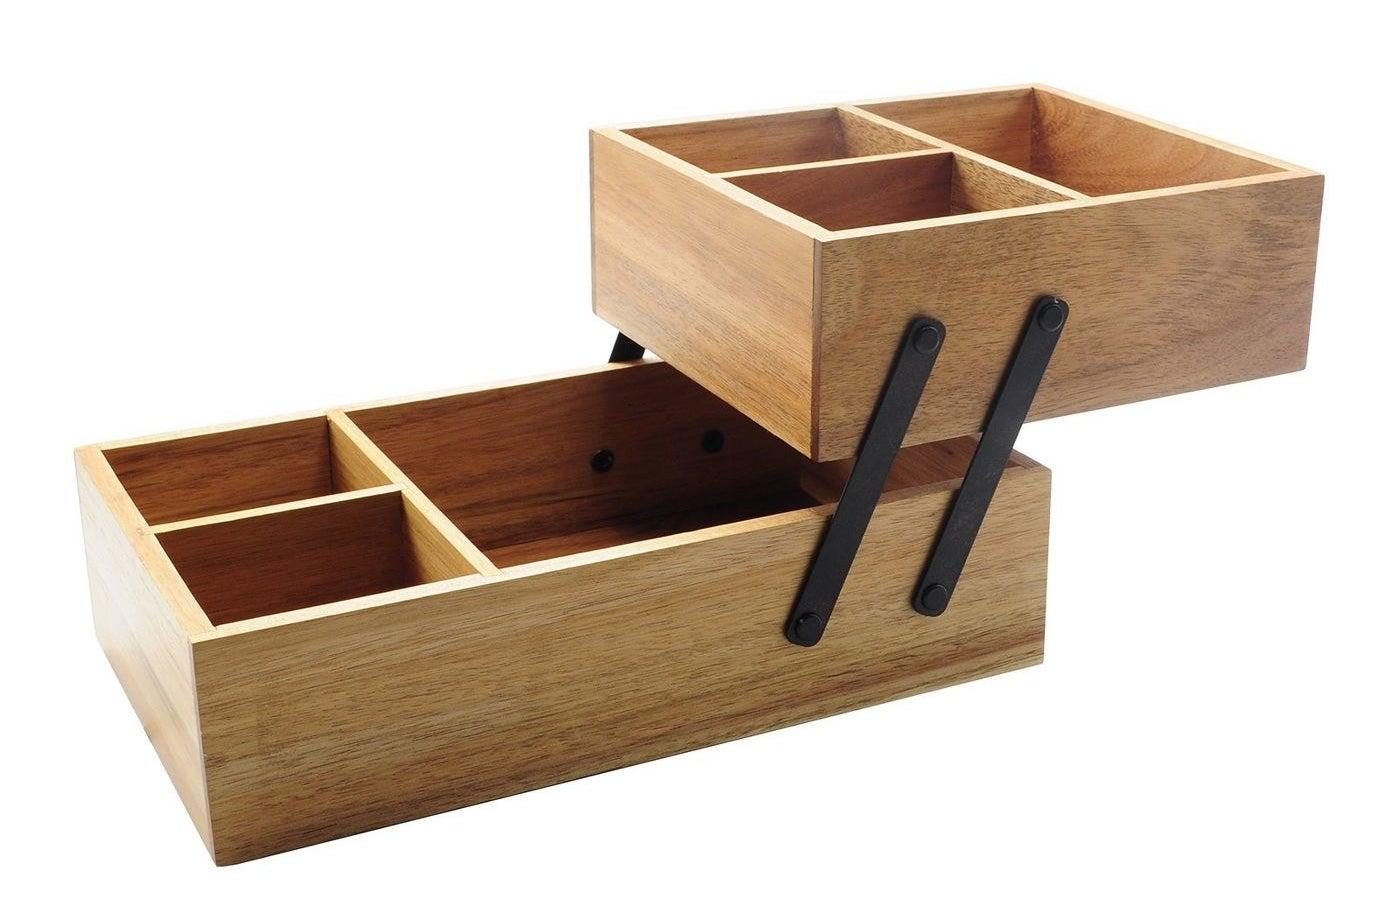 Wooden vanity organizer